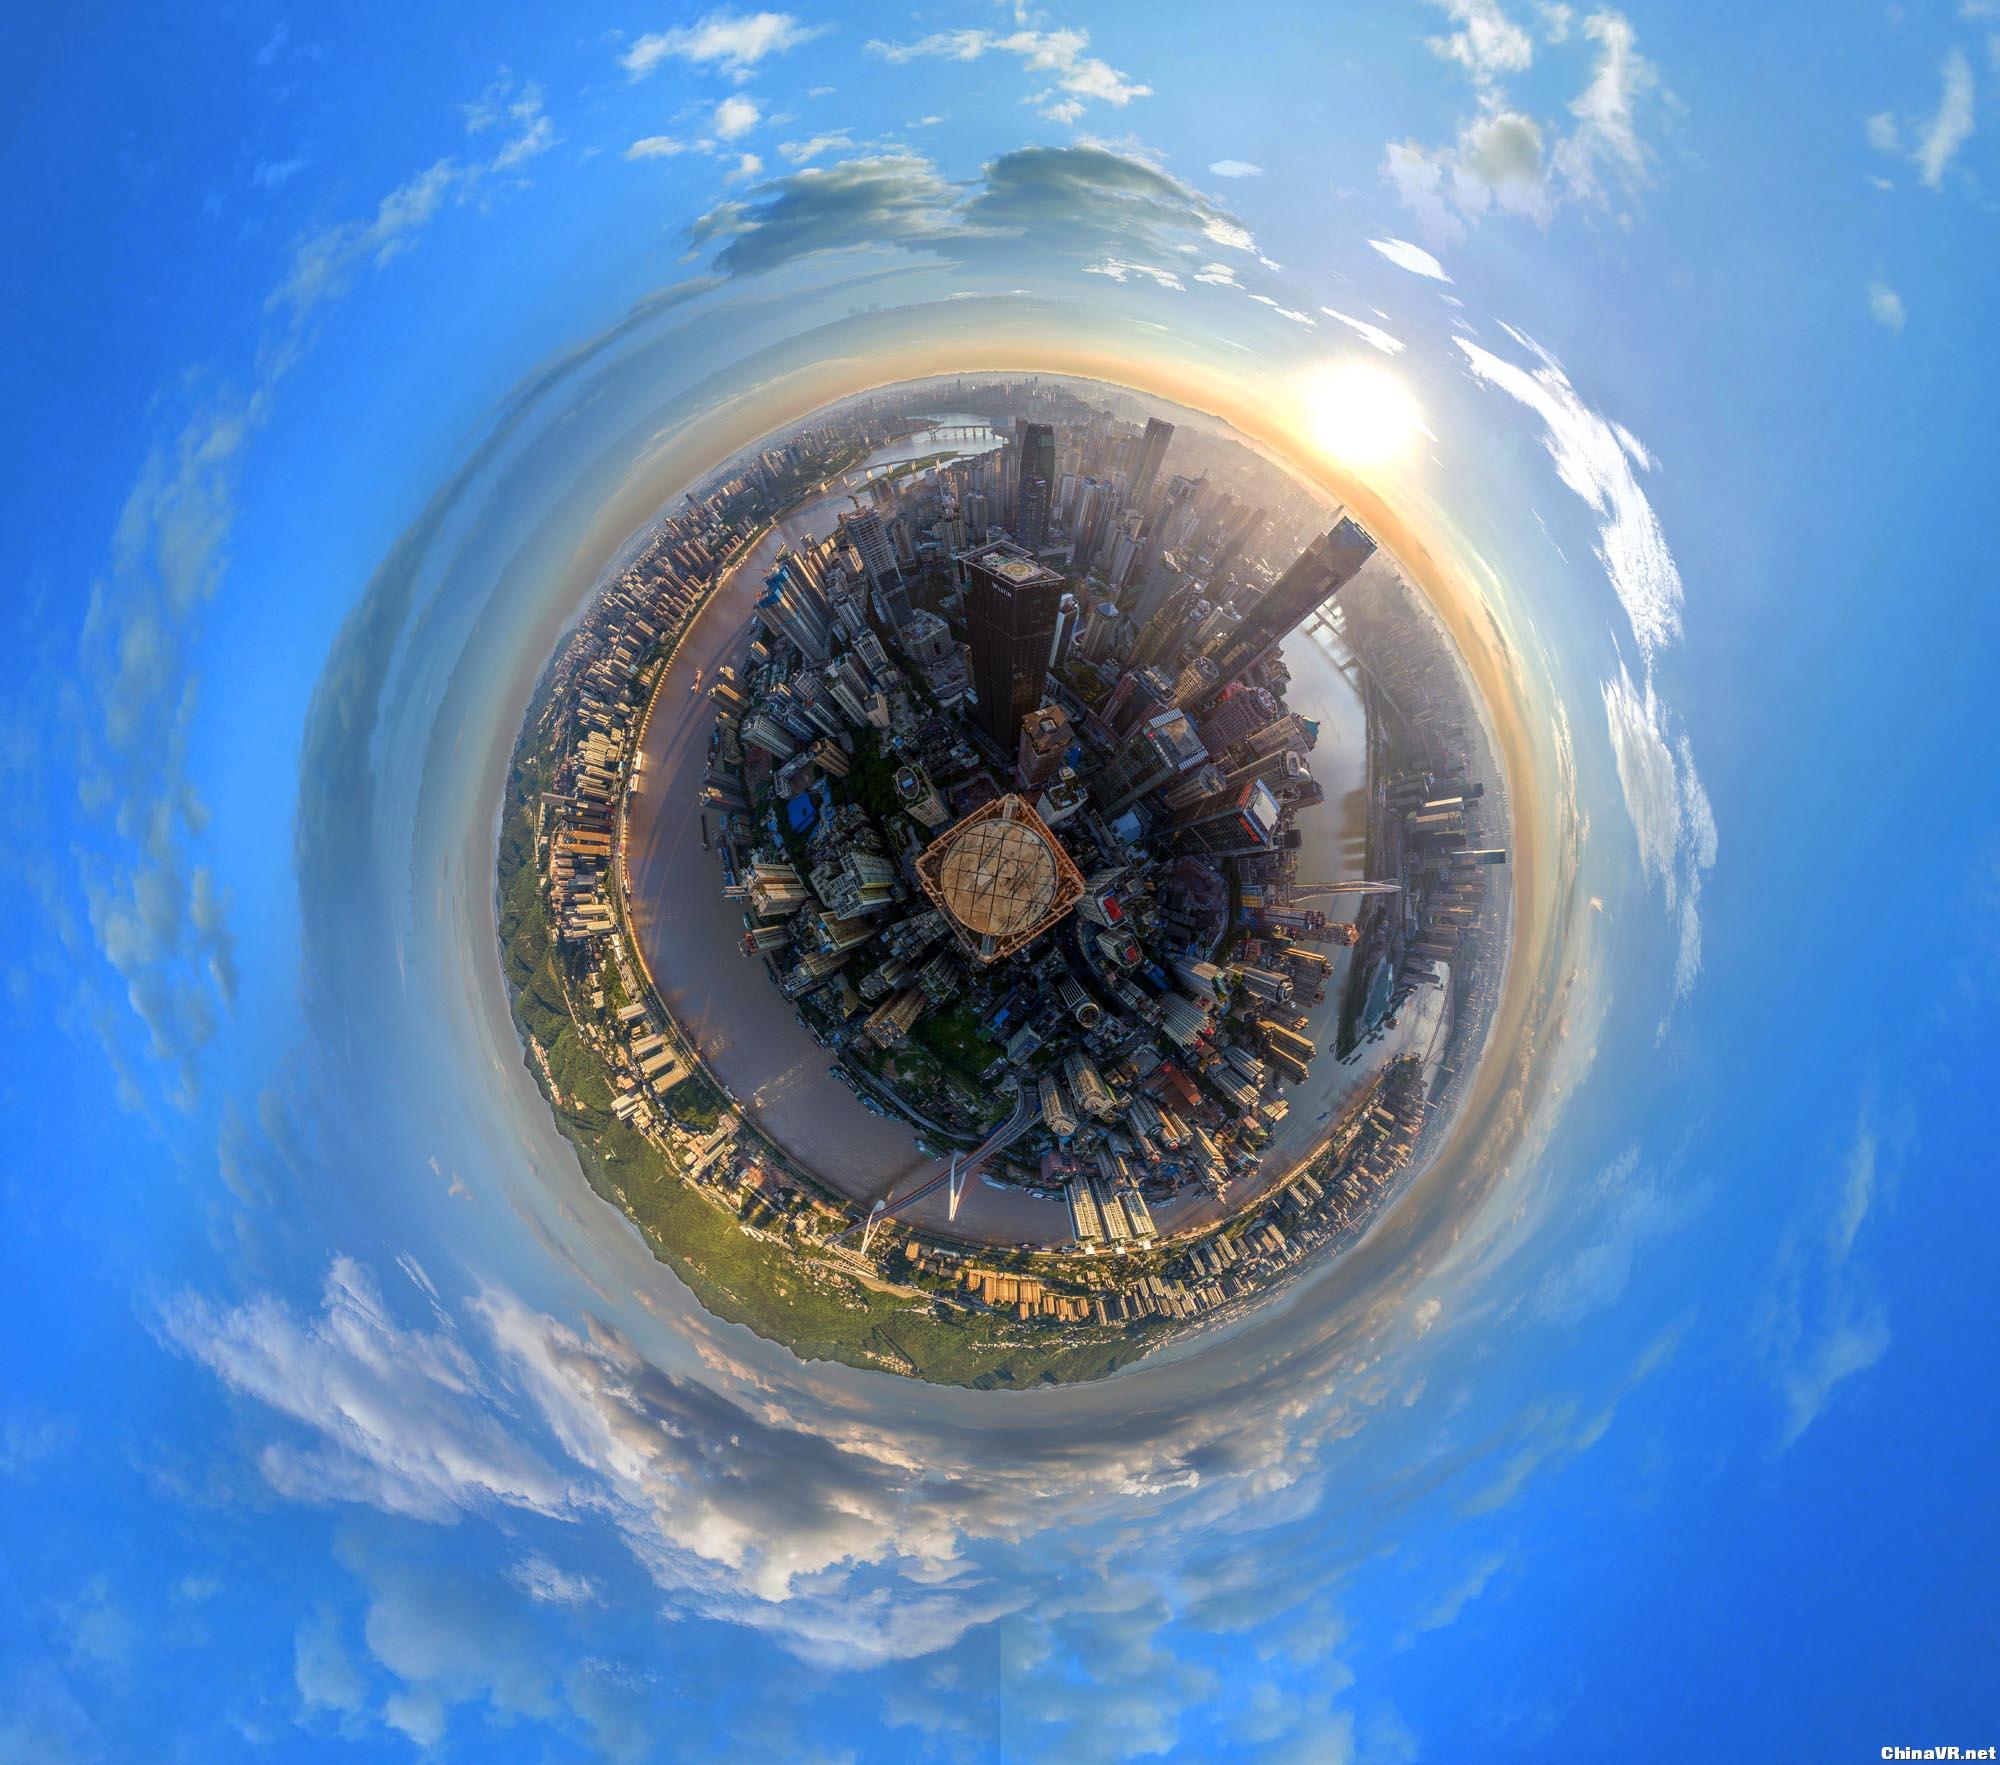 重庆渝中半岛全景——摄于联合国际楼顶停机坪 Panorama_1.jpg